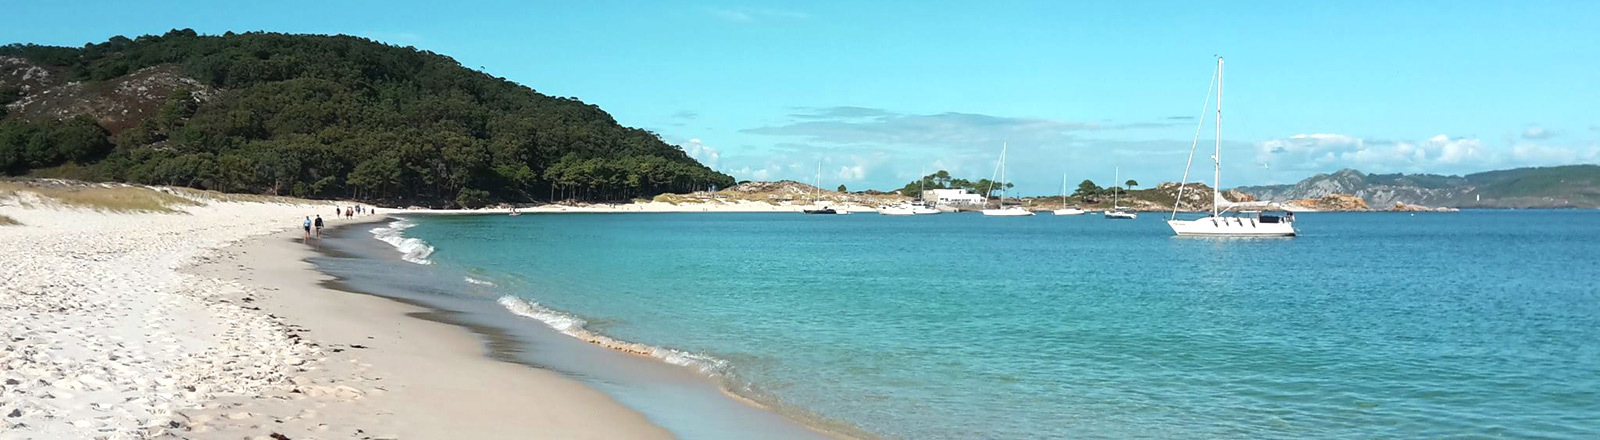 Vigo auf der Insel Islas Cies.